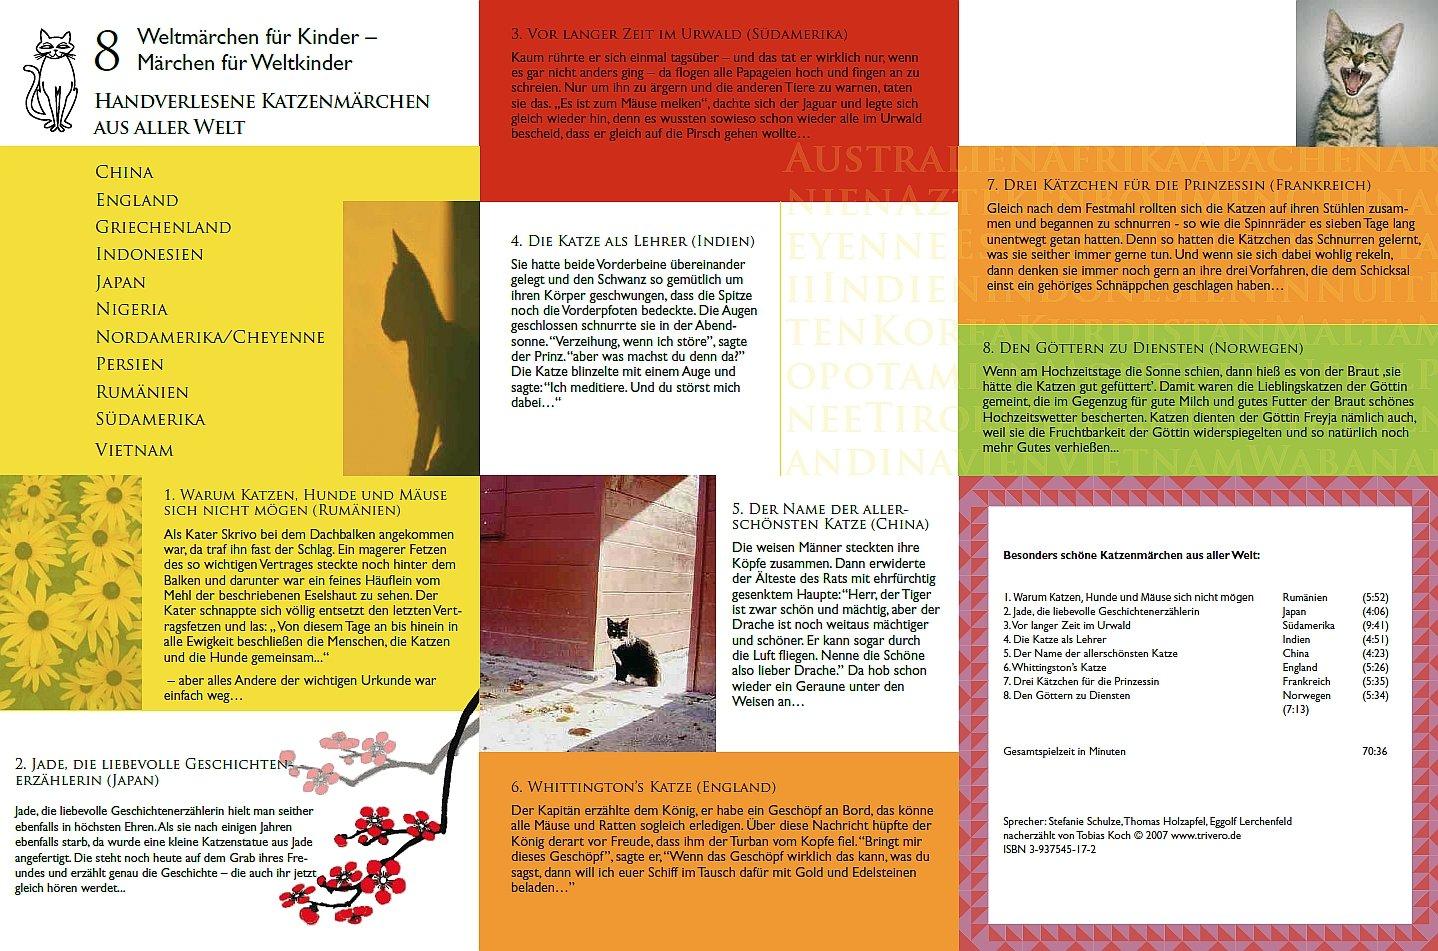 Weltmärchen - Handverlesene Katzenmärchen aus aller Welt: Amazon.de ...